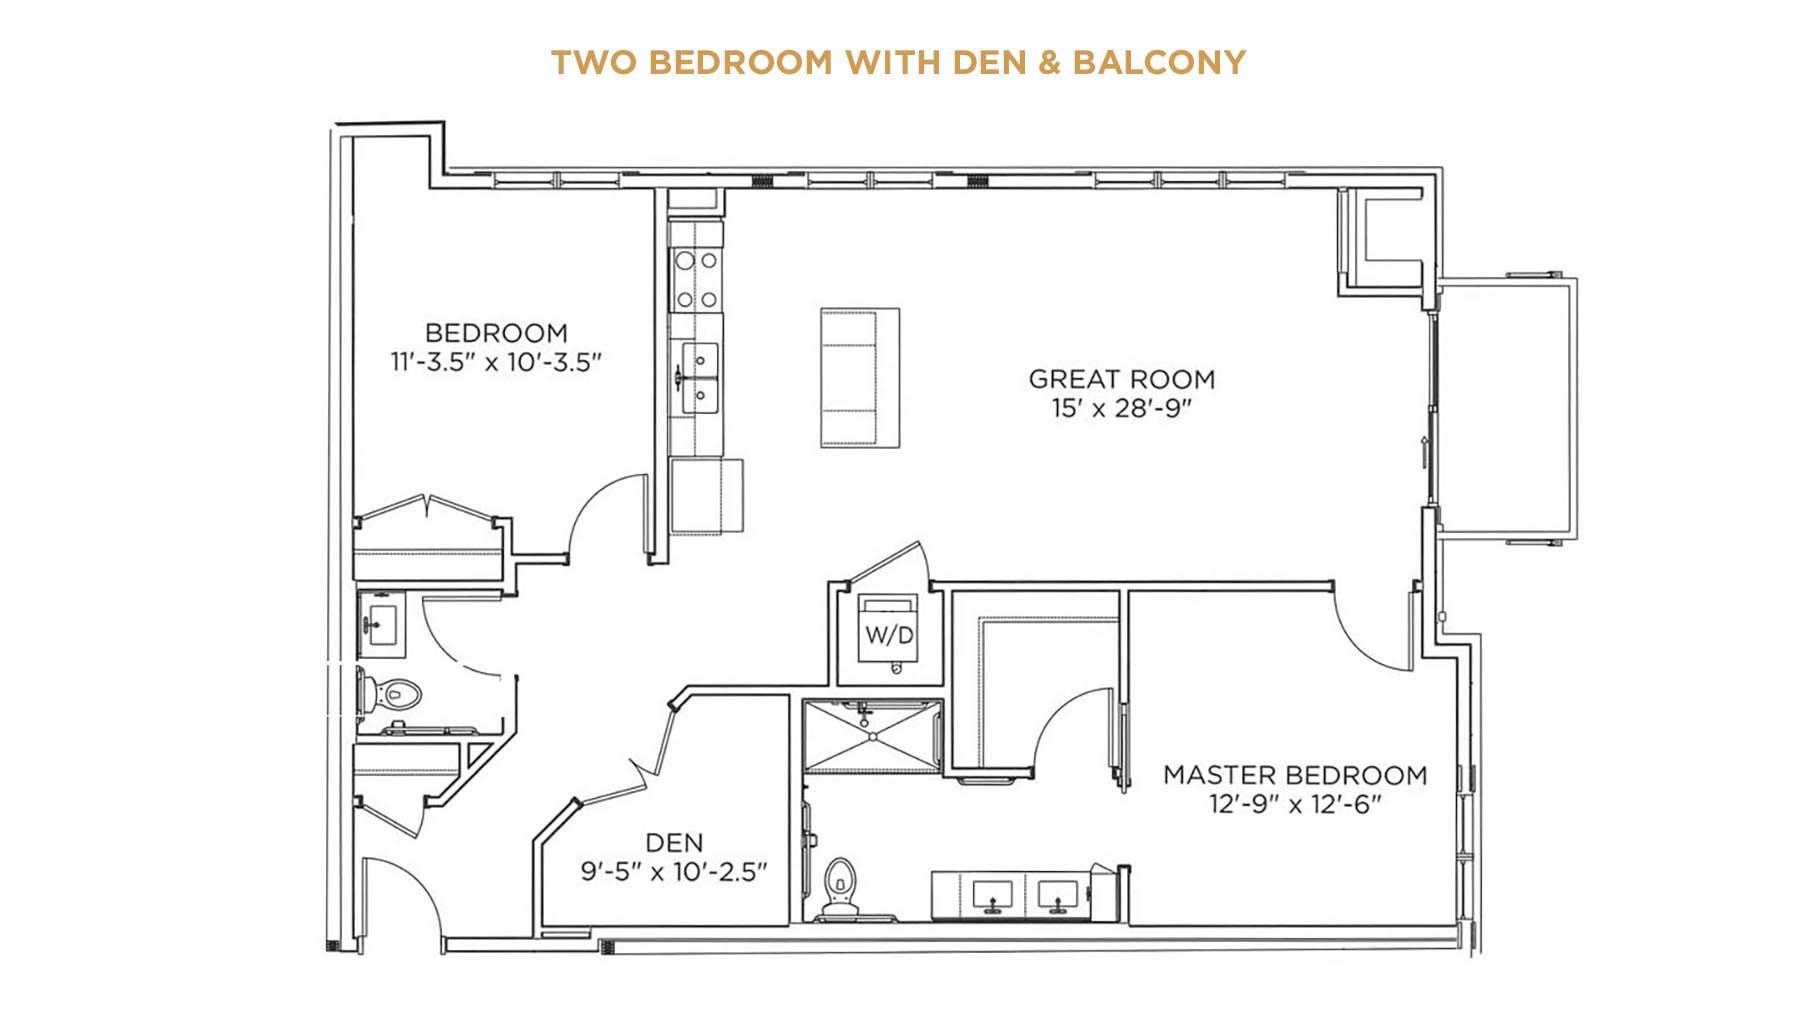 two bedroom floorplan with den